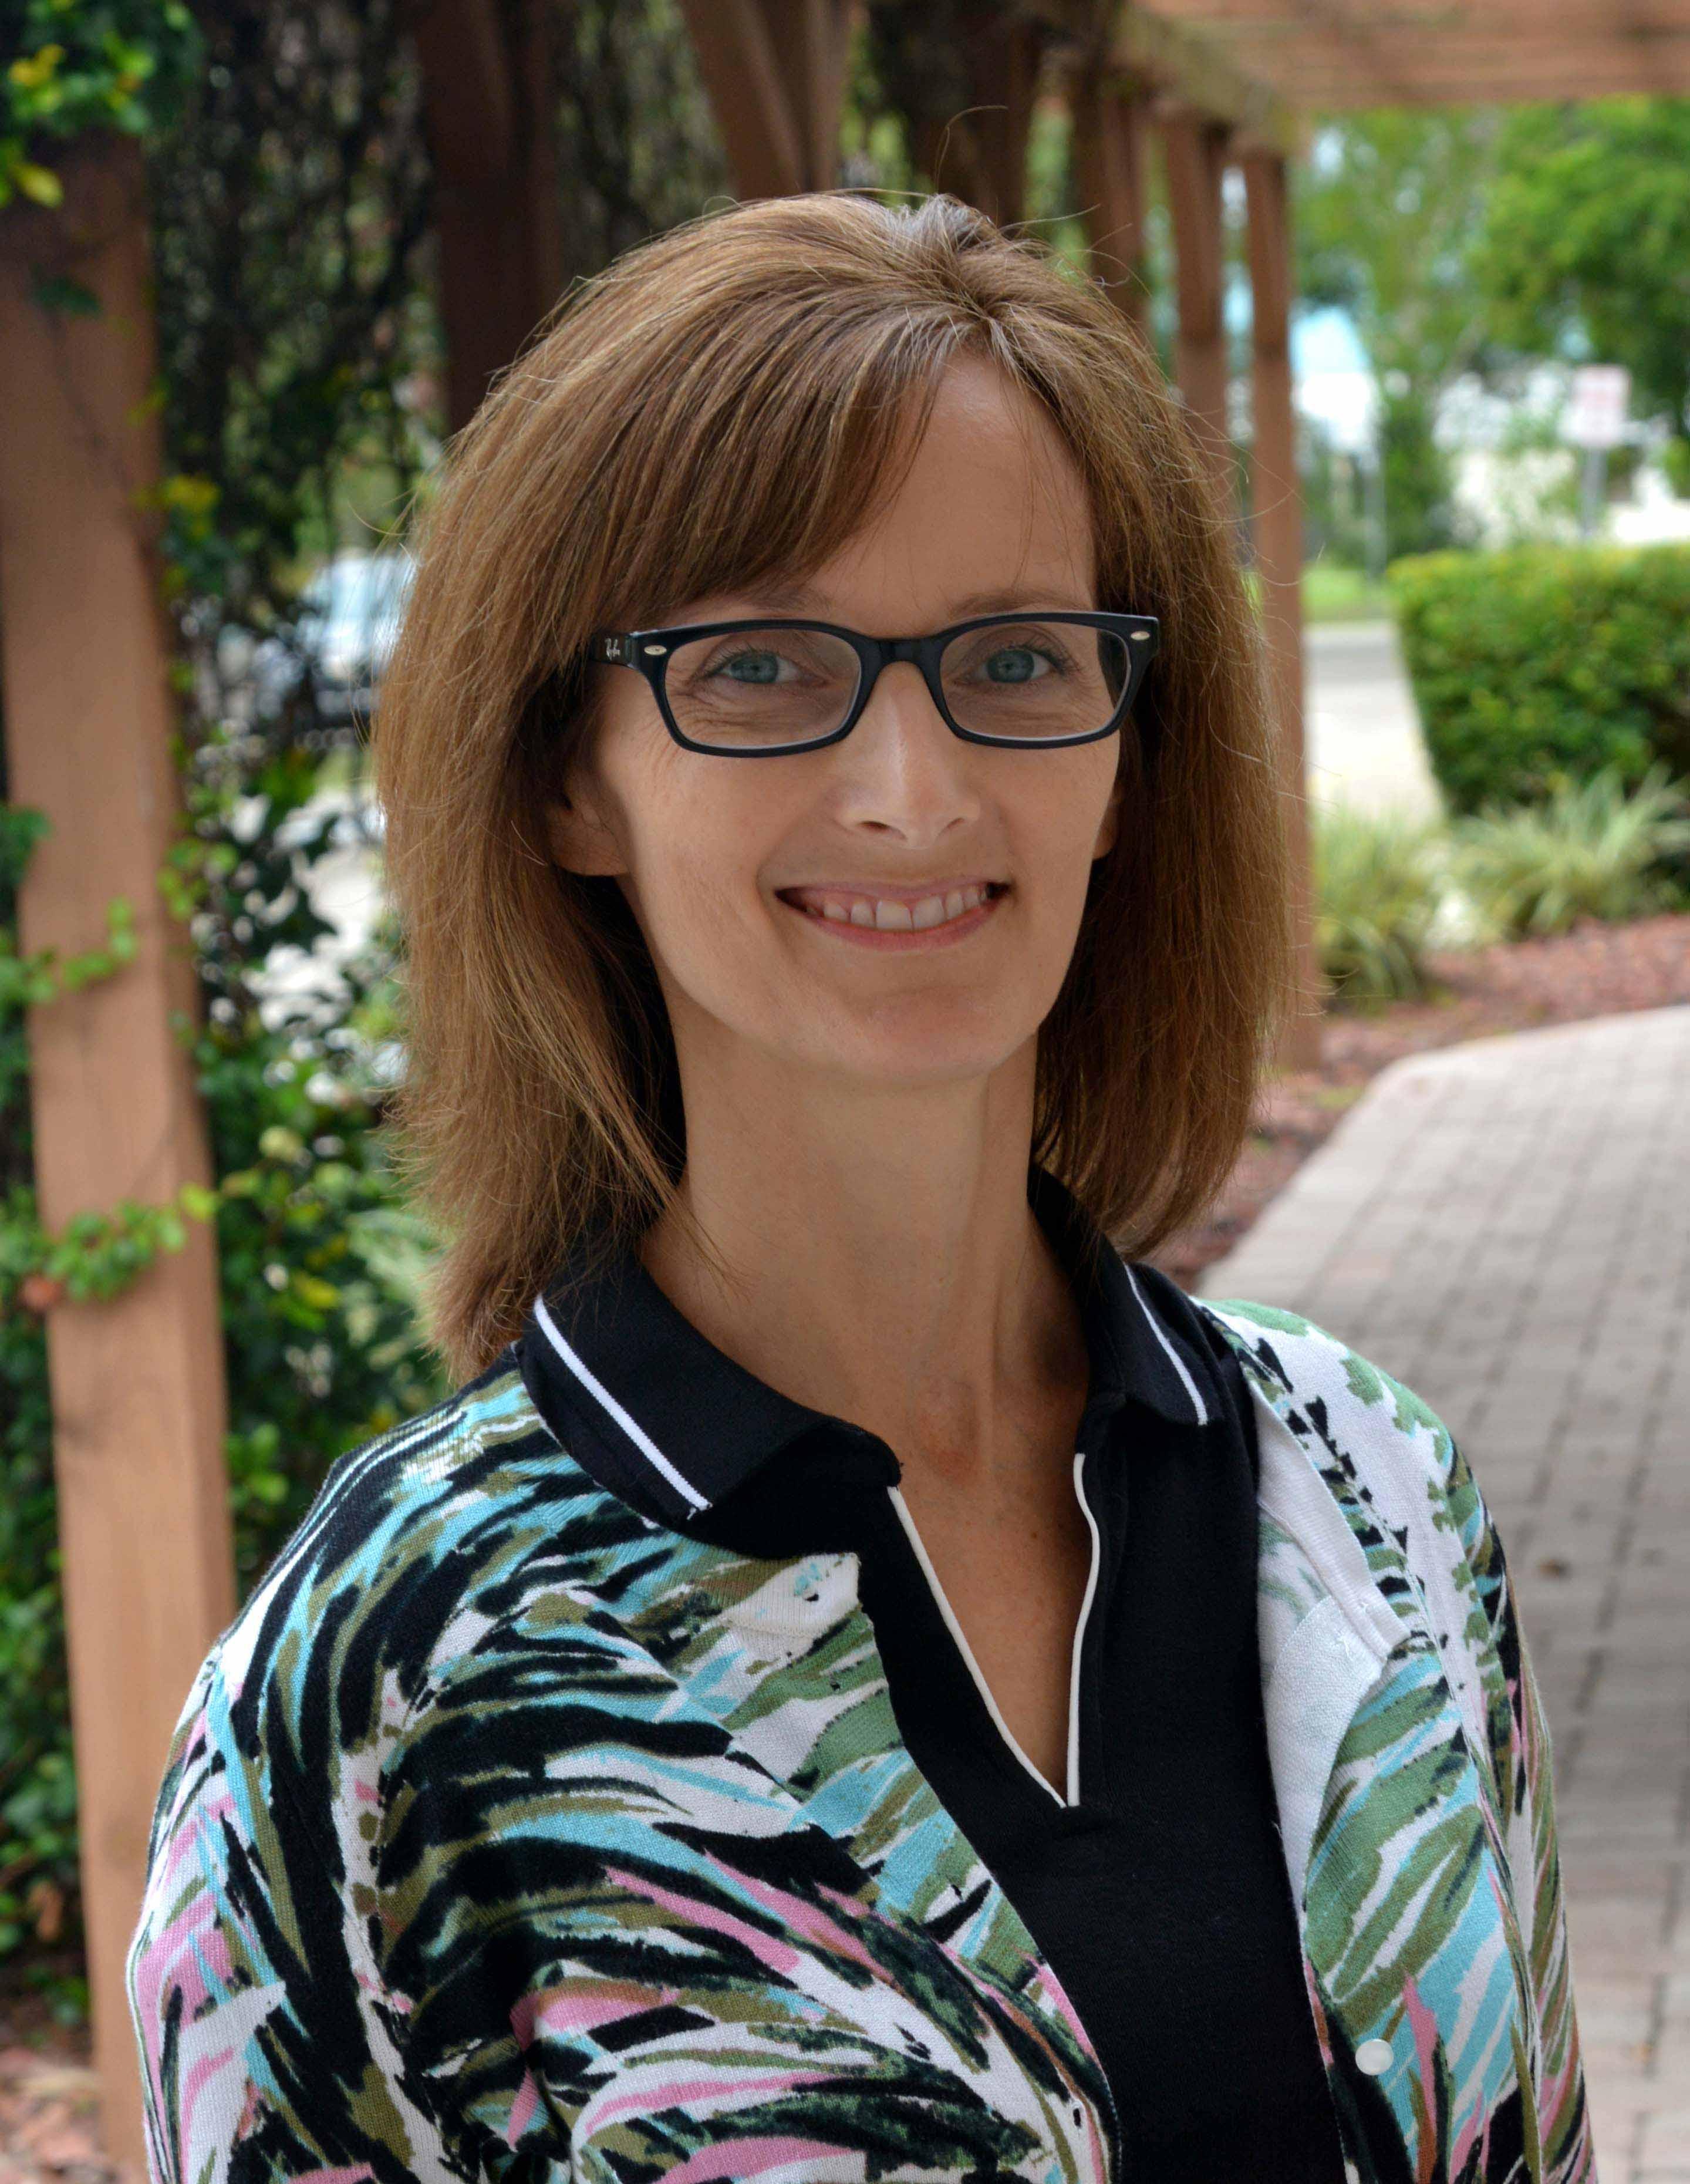 Dawn Fuhrman